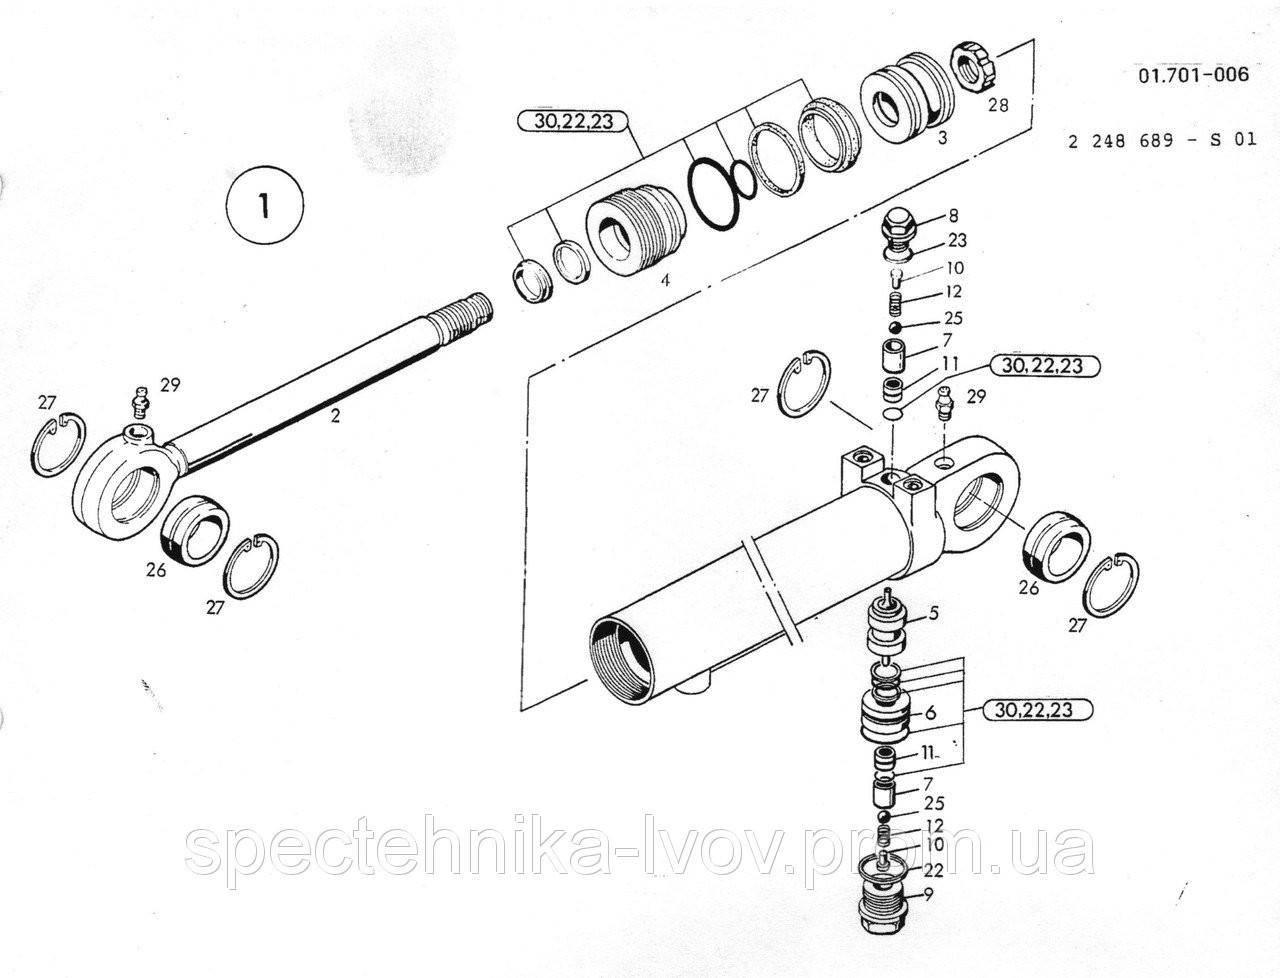 1462685 Ремкомплект гидроцилиндра O&K (Orenstein & Koppel) MH CITY